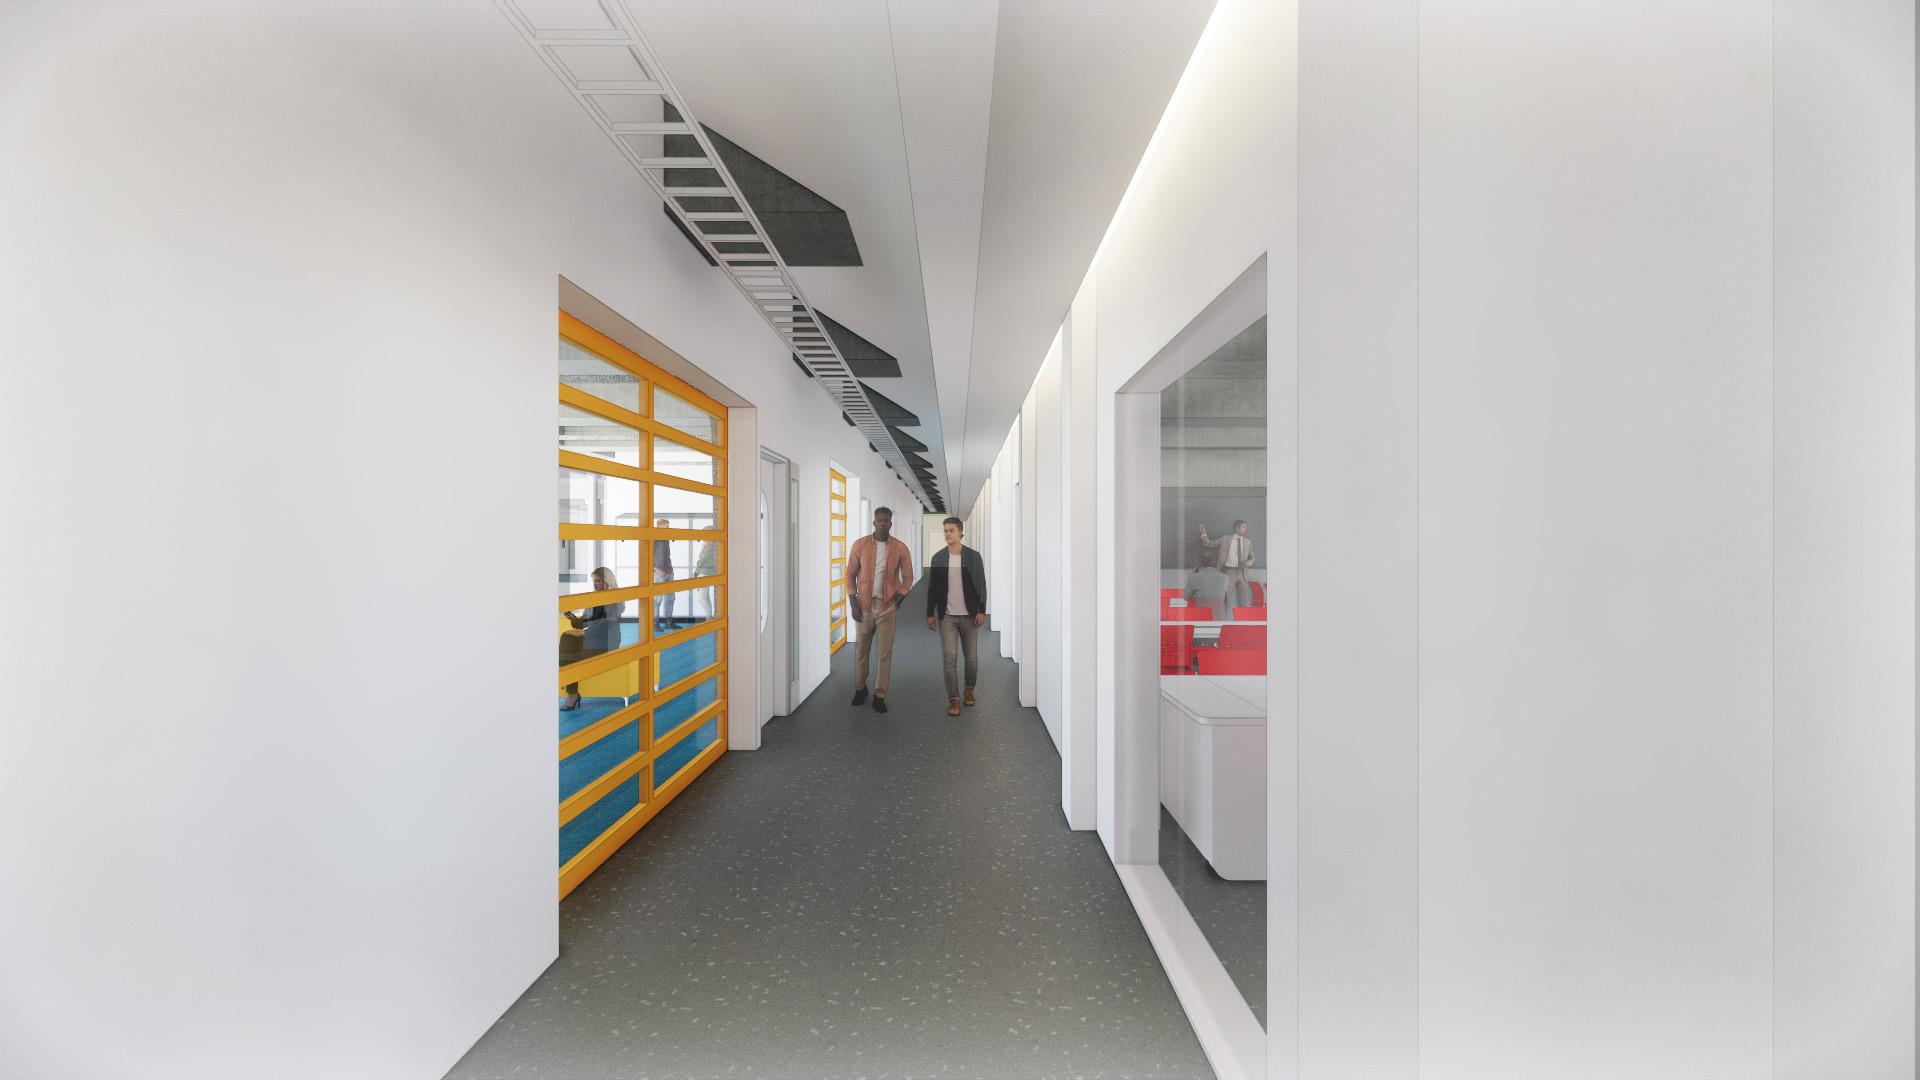 - Macleod Building Renewal